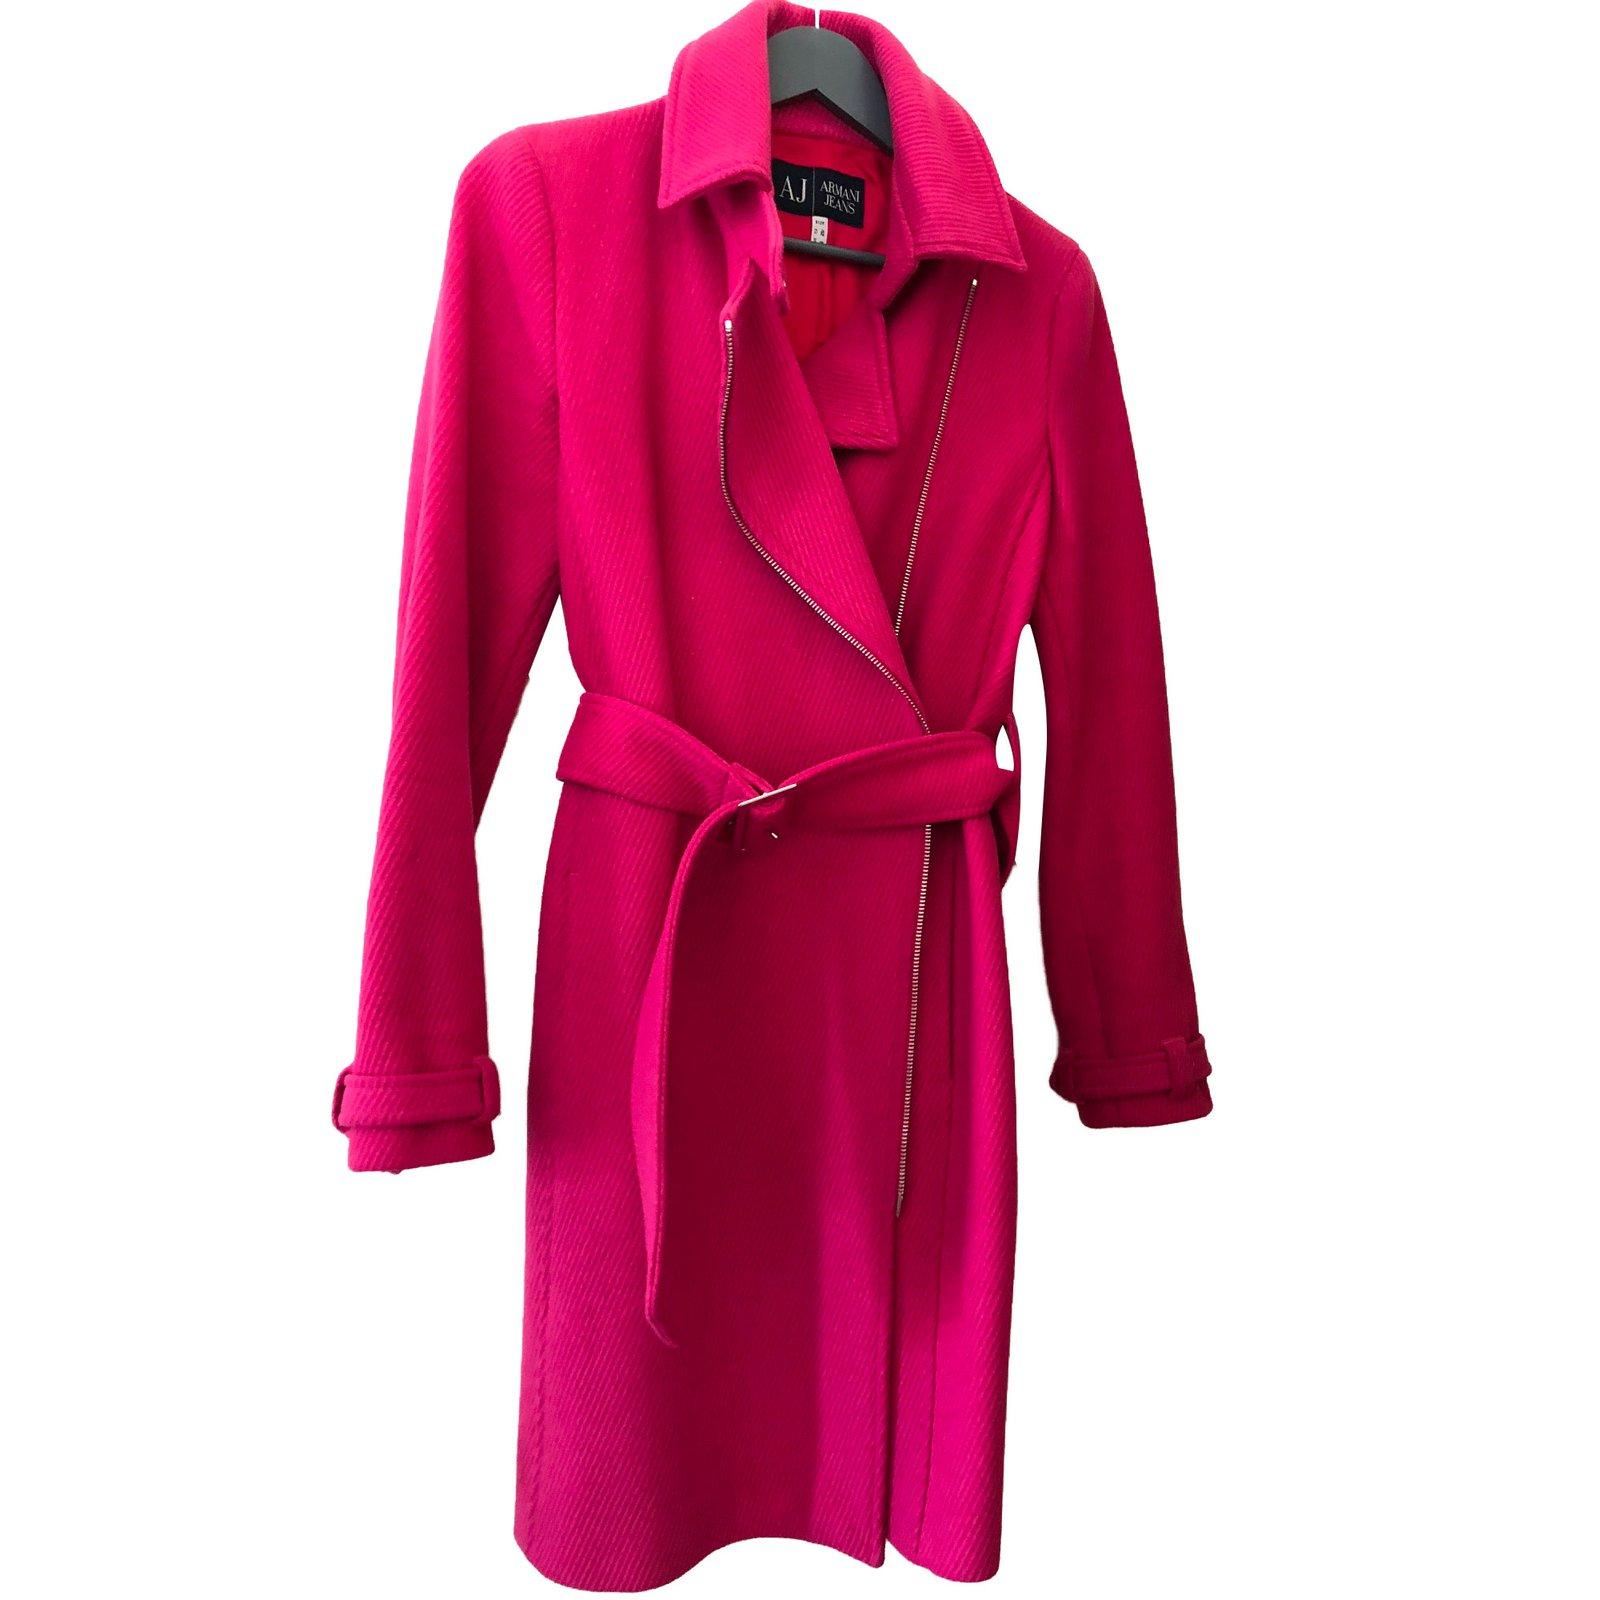 Manteaux Armani Jeans Manteau Laine Rose ref.67087 - Joli Closet 124eb1d024d